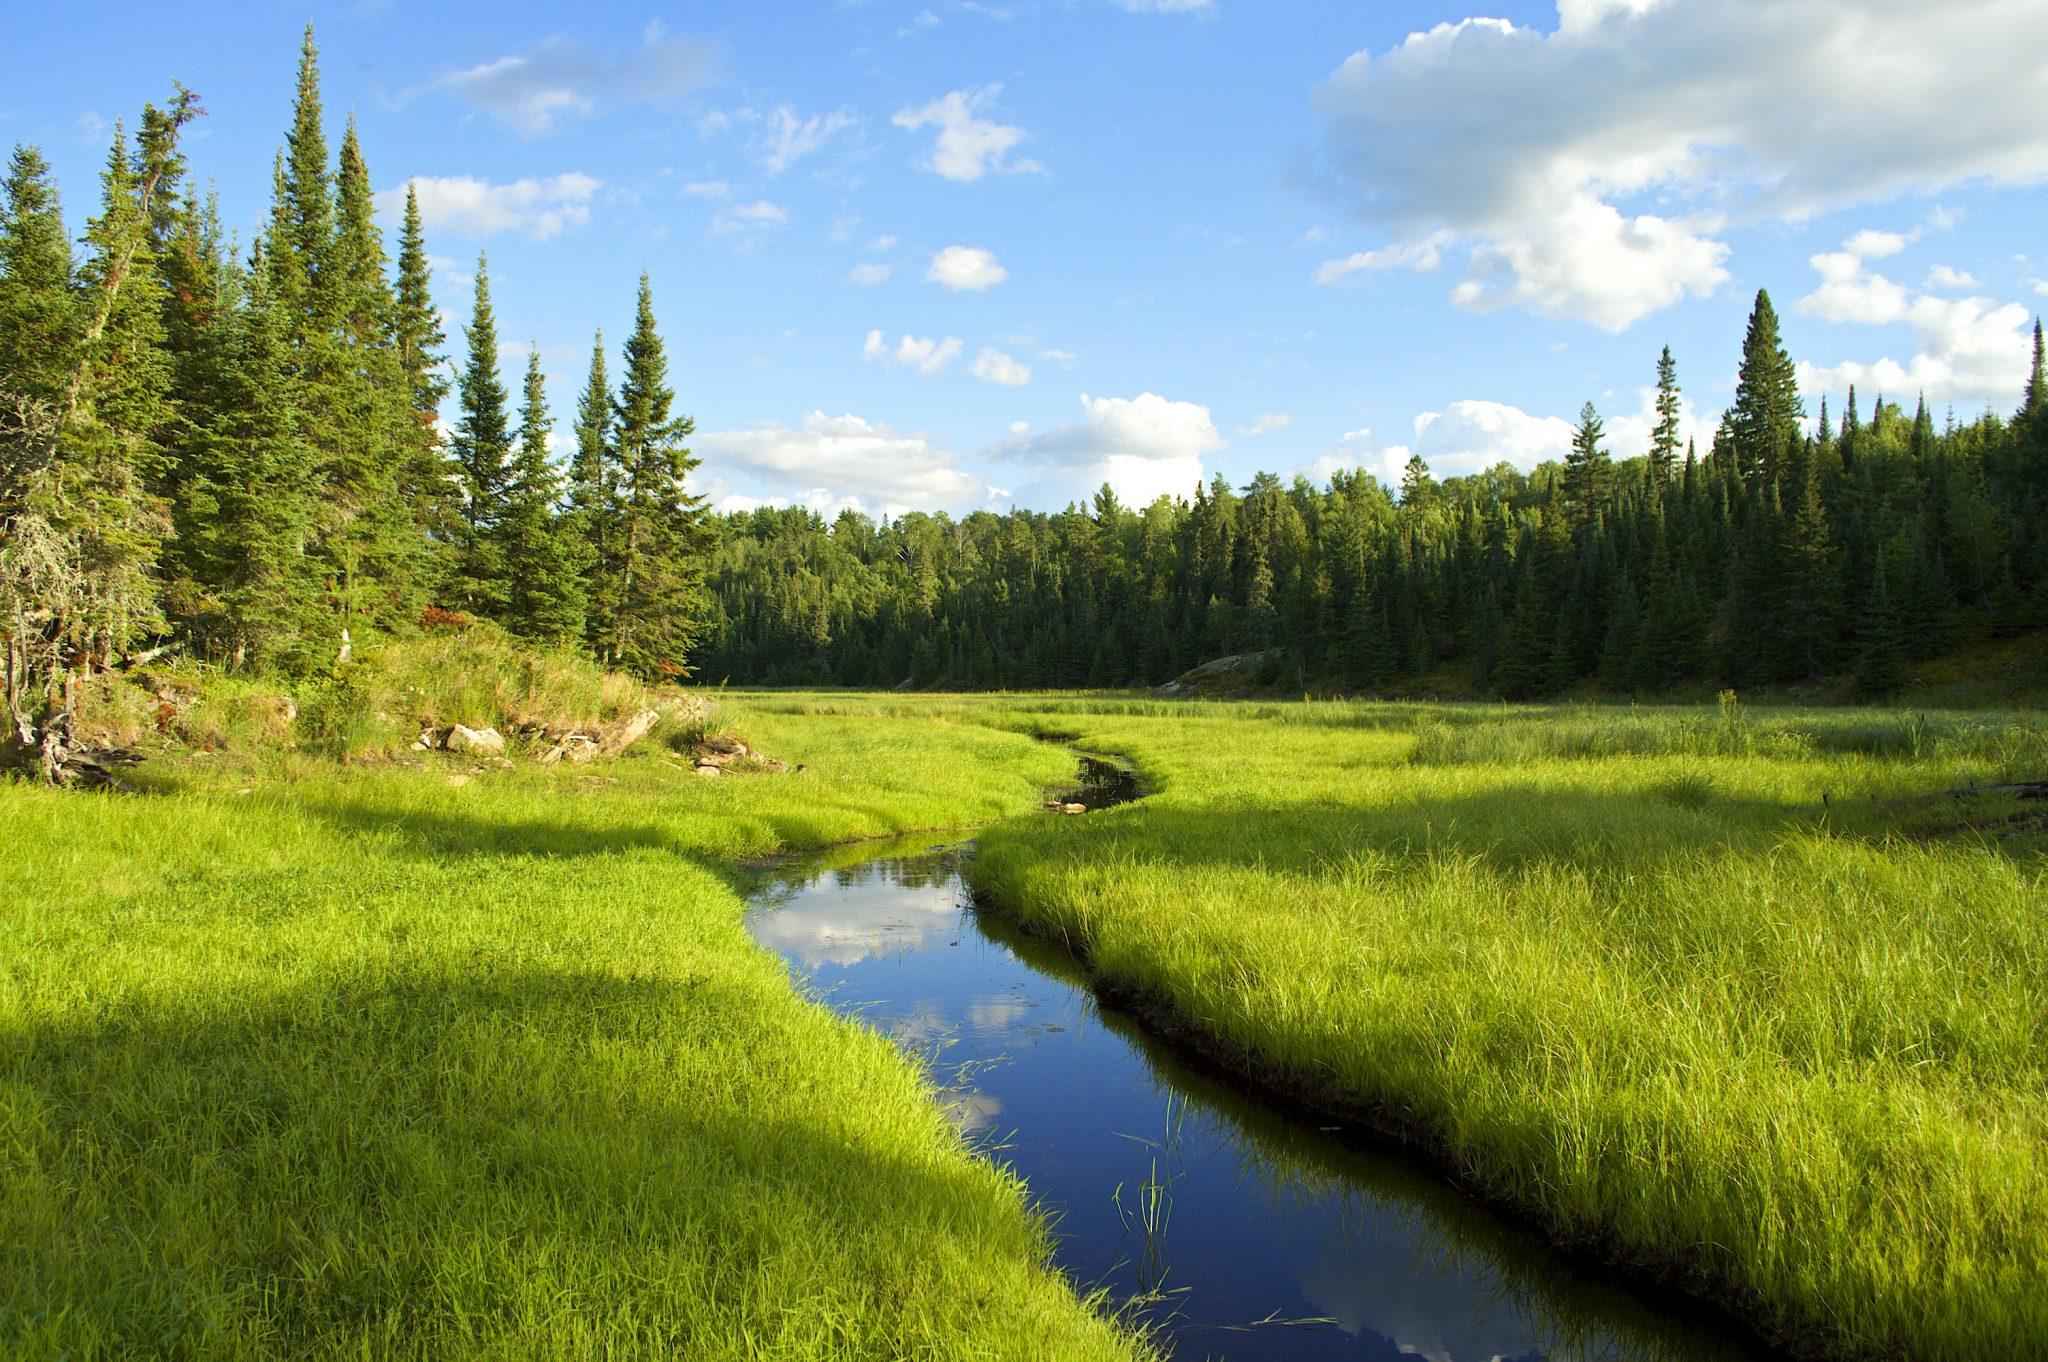 Voyageurs National Park scene